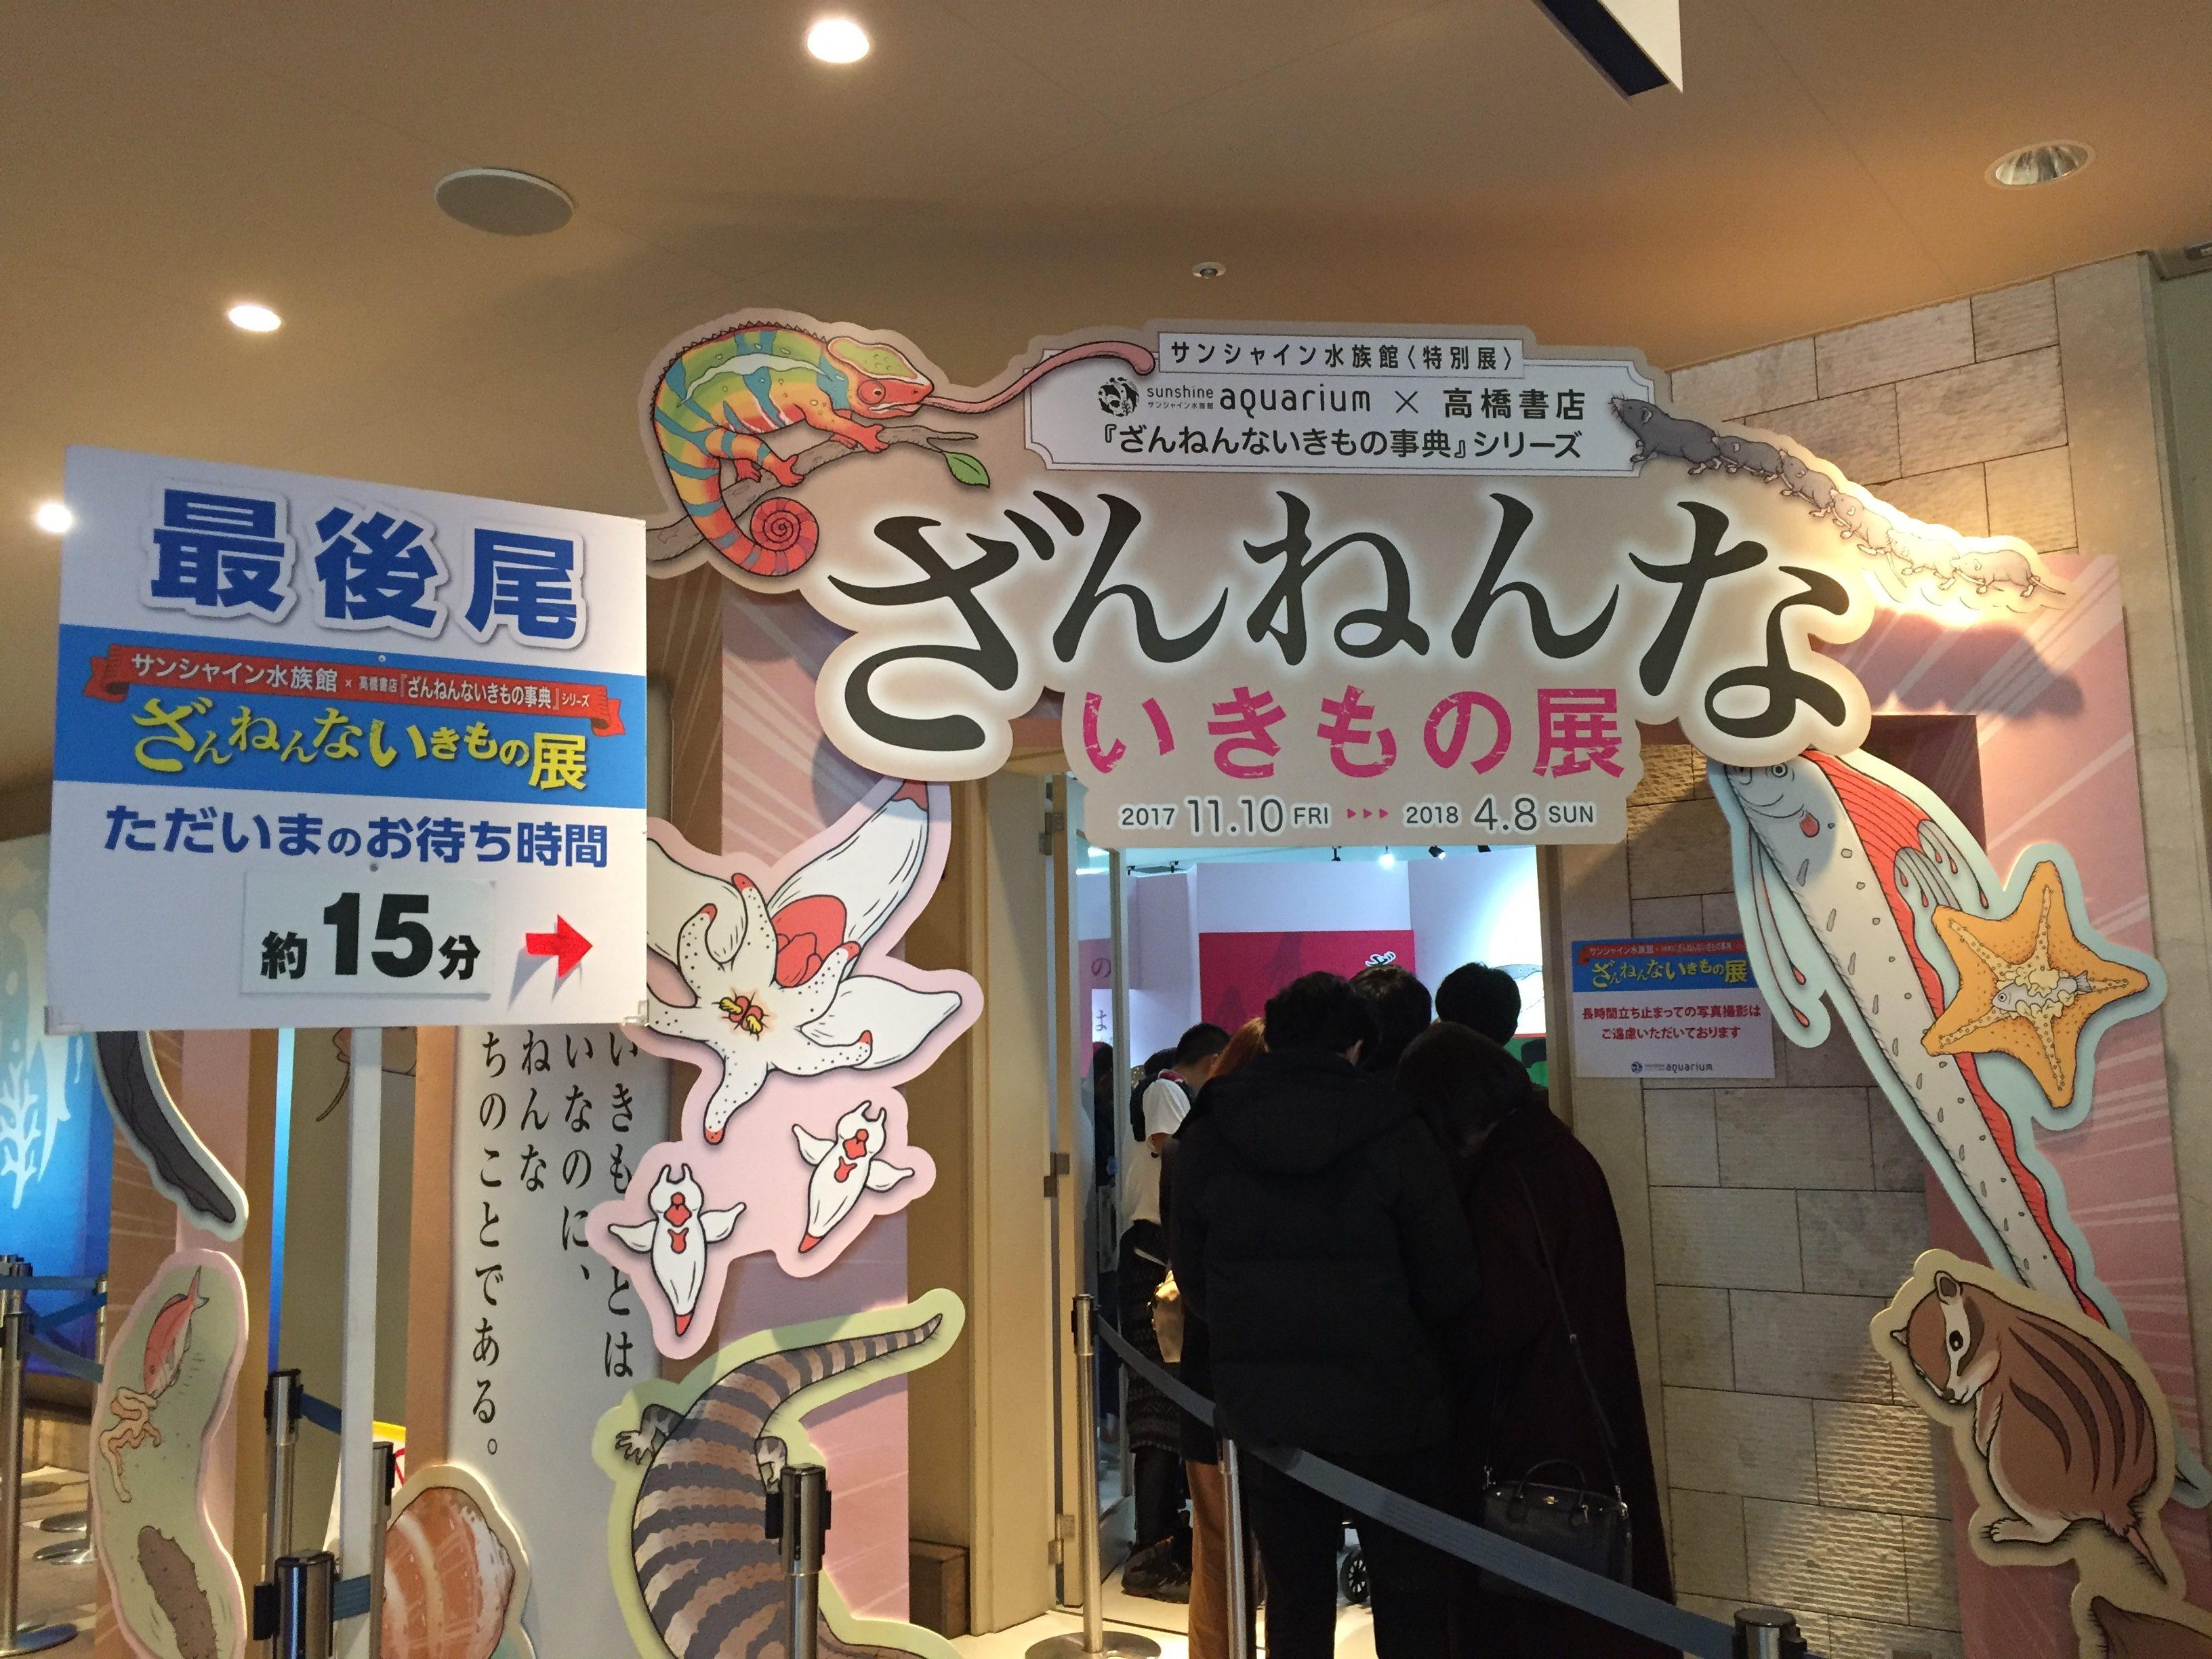 【ざんねんないきもの展】サンシャイン水族館とのコラボ企画。私のオススメ本も紹介!